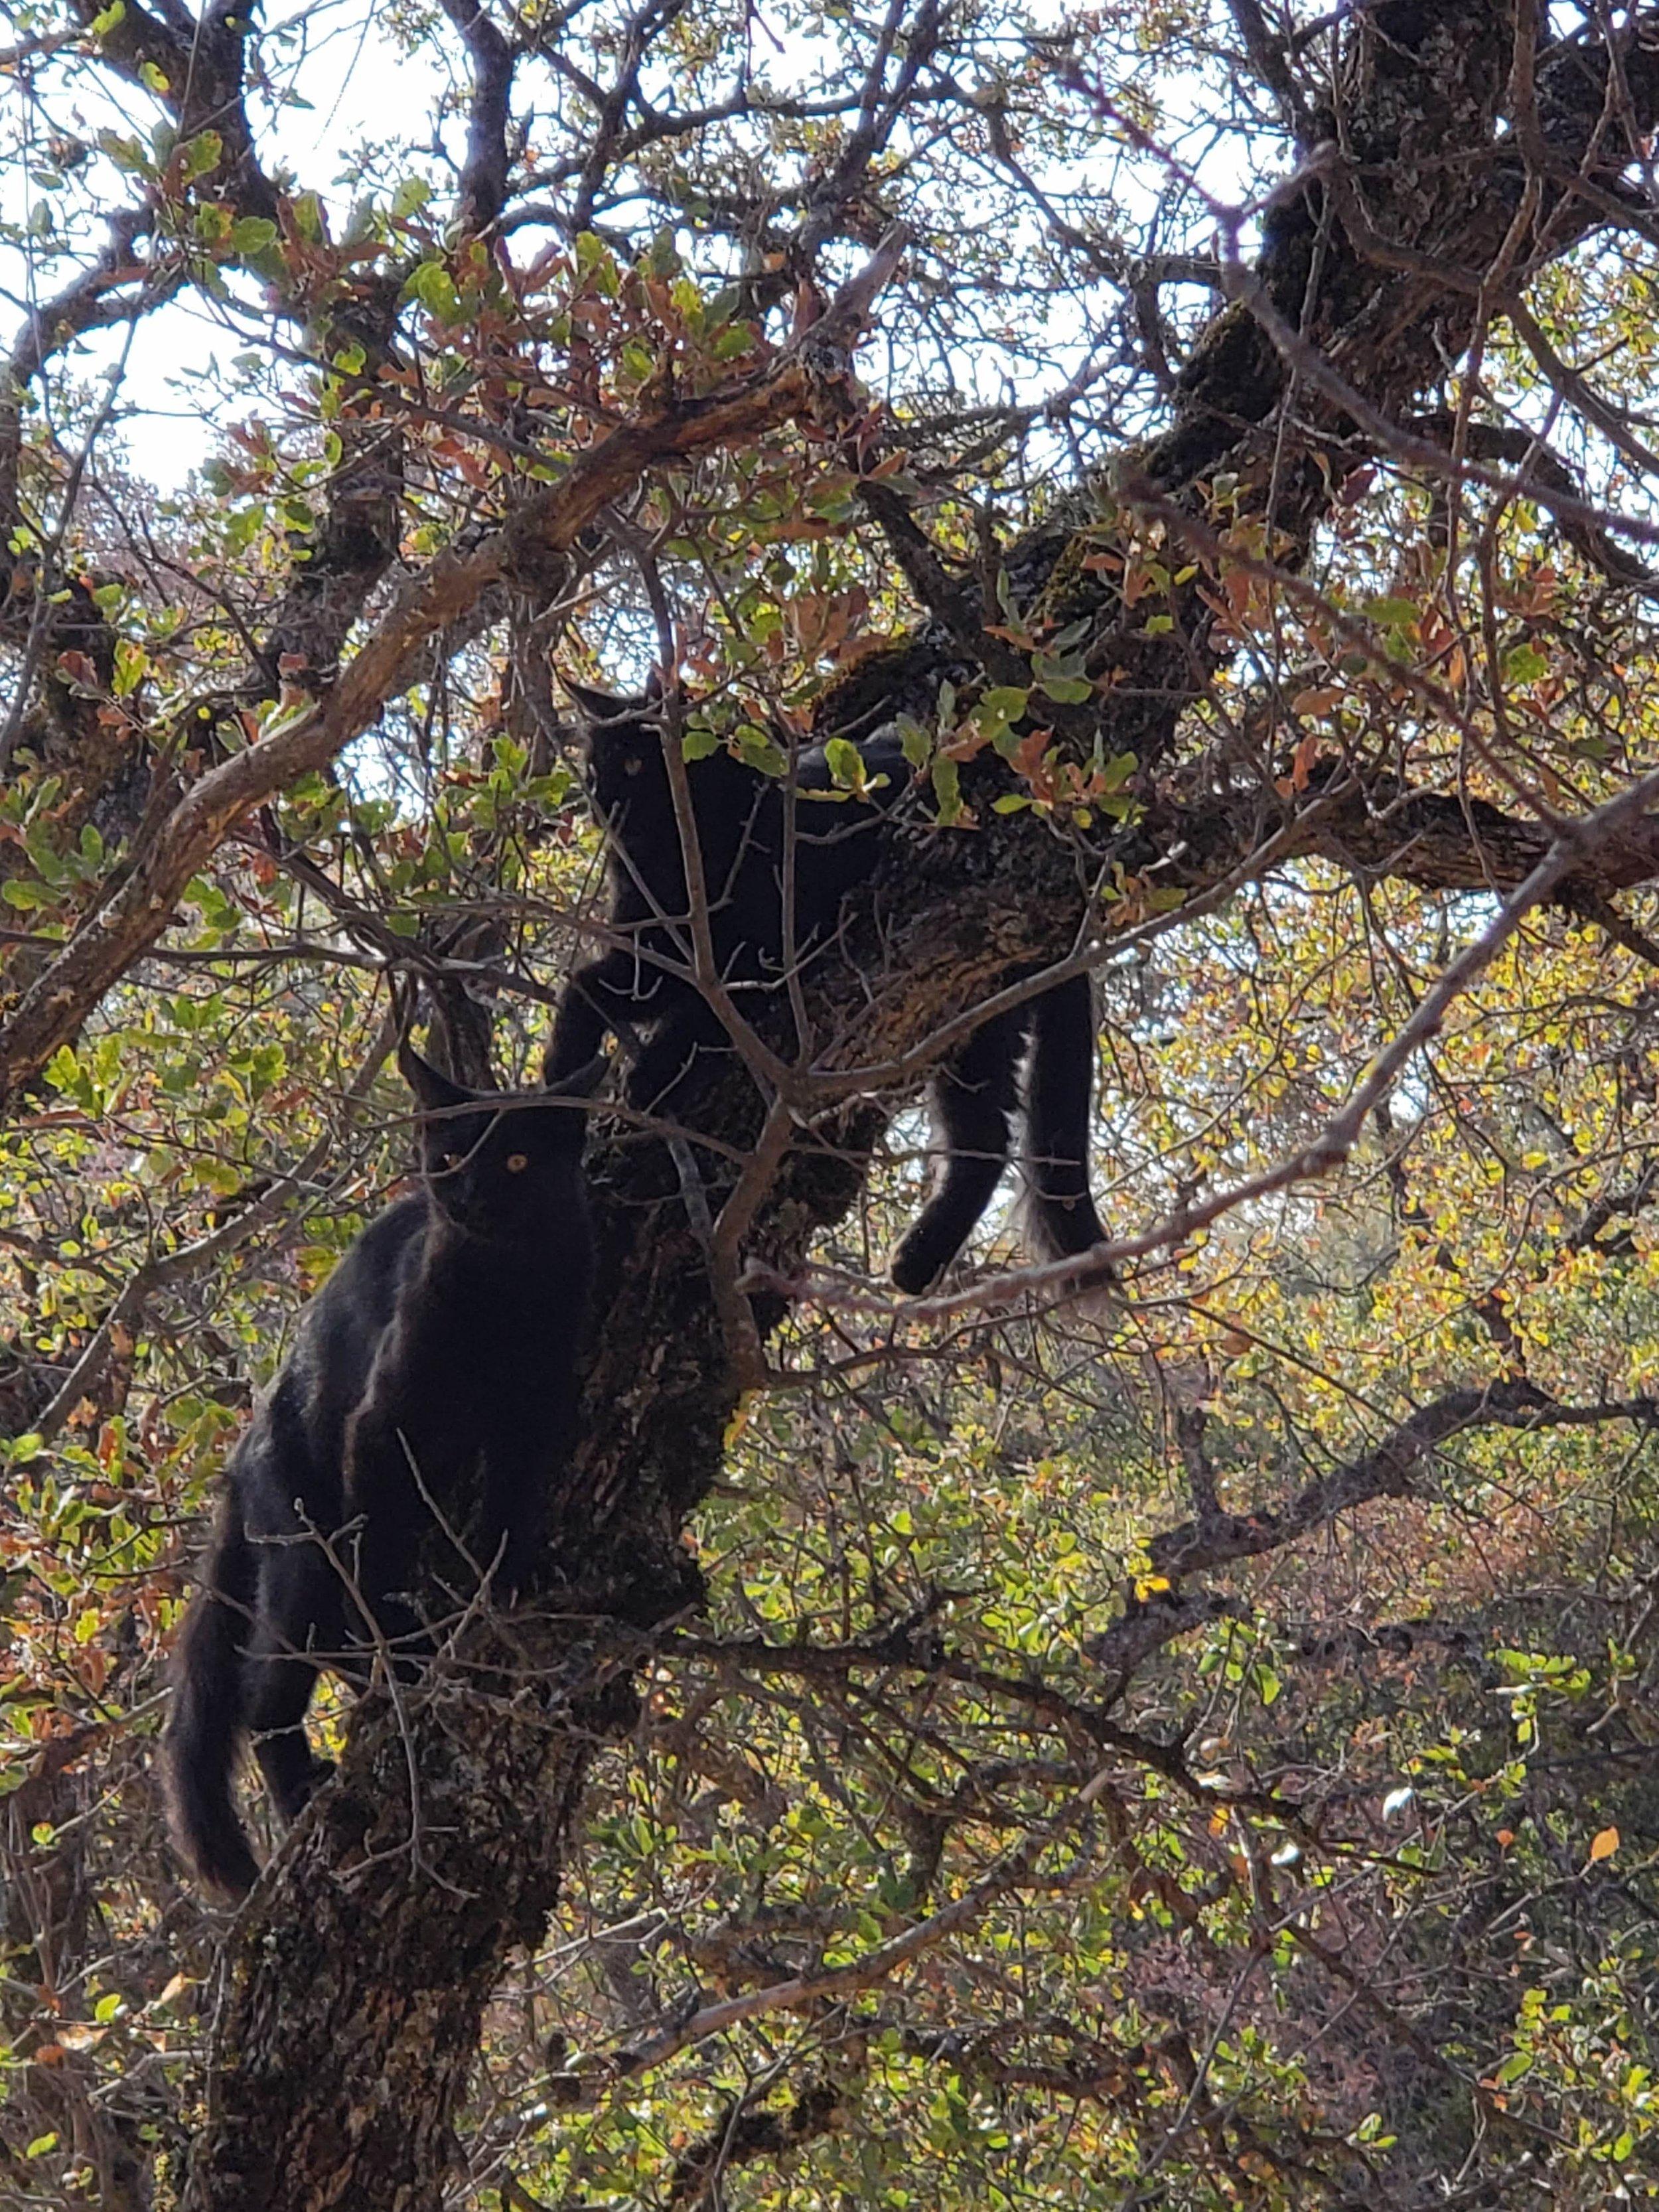 Kitties in Tree.jpg